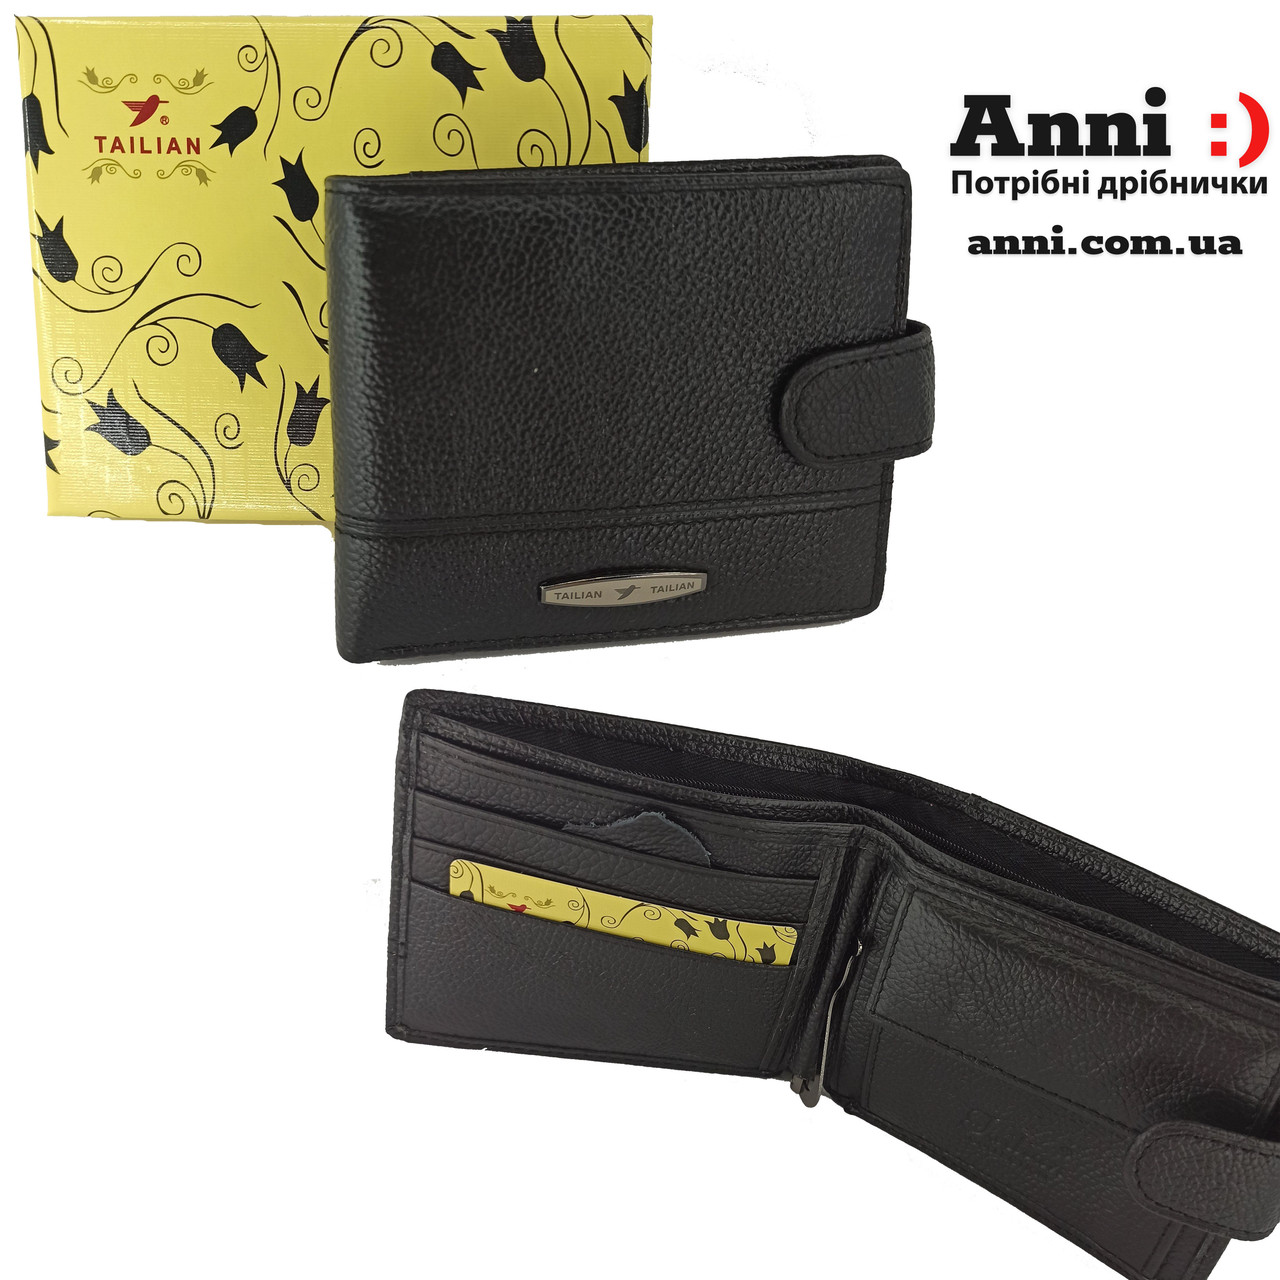 Черный кожаный мужской кошелек портмоне с зажимом для денег Tailian T117d